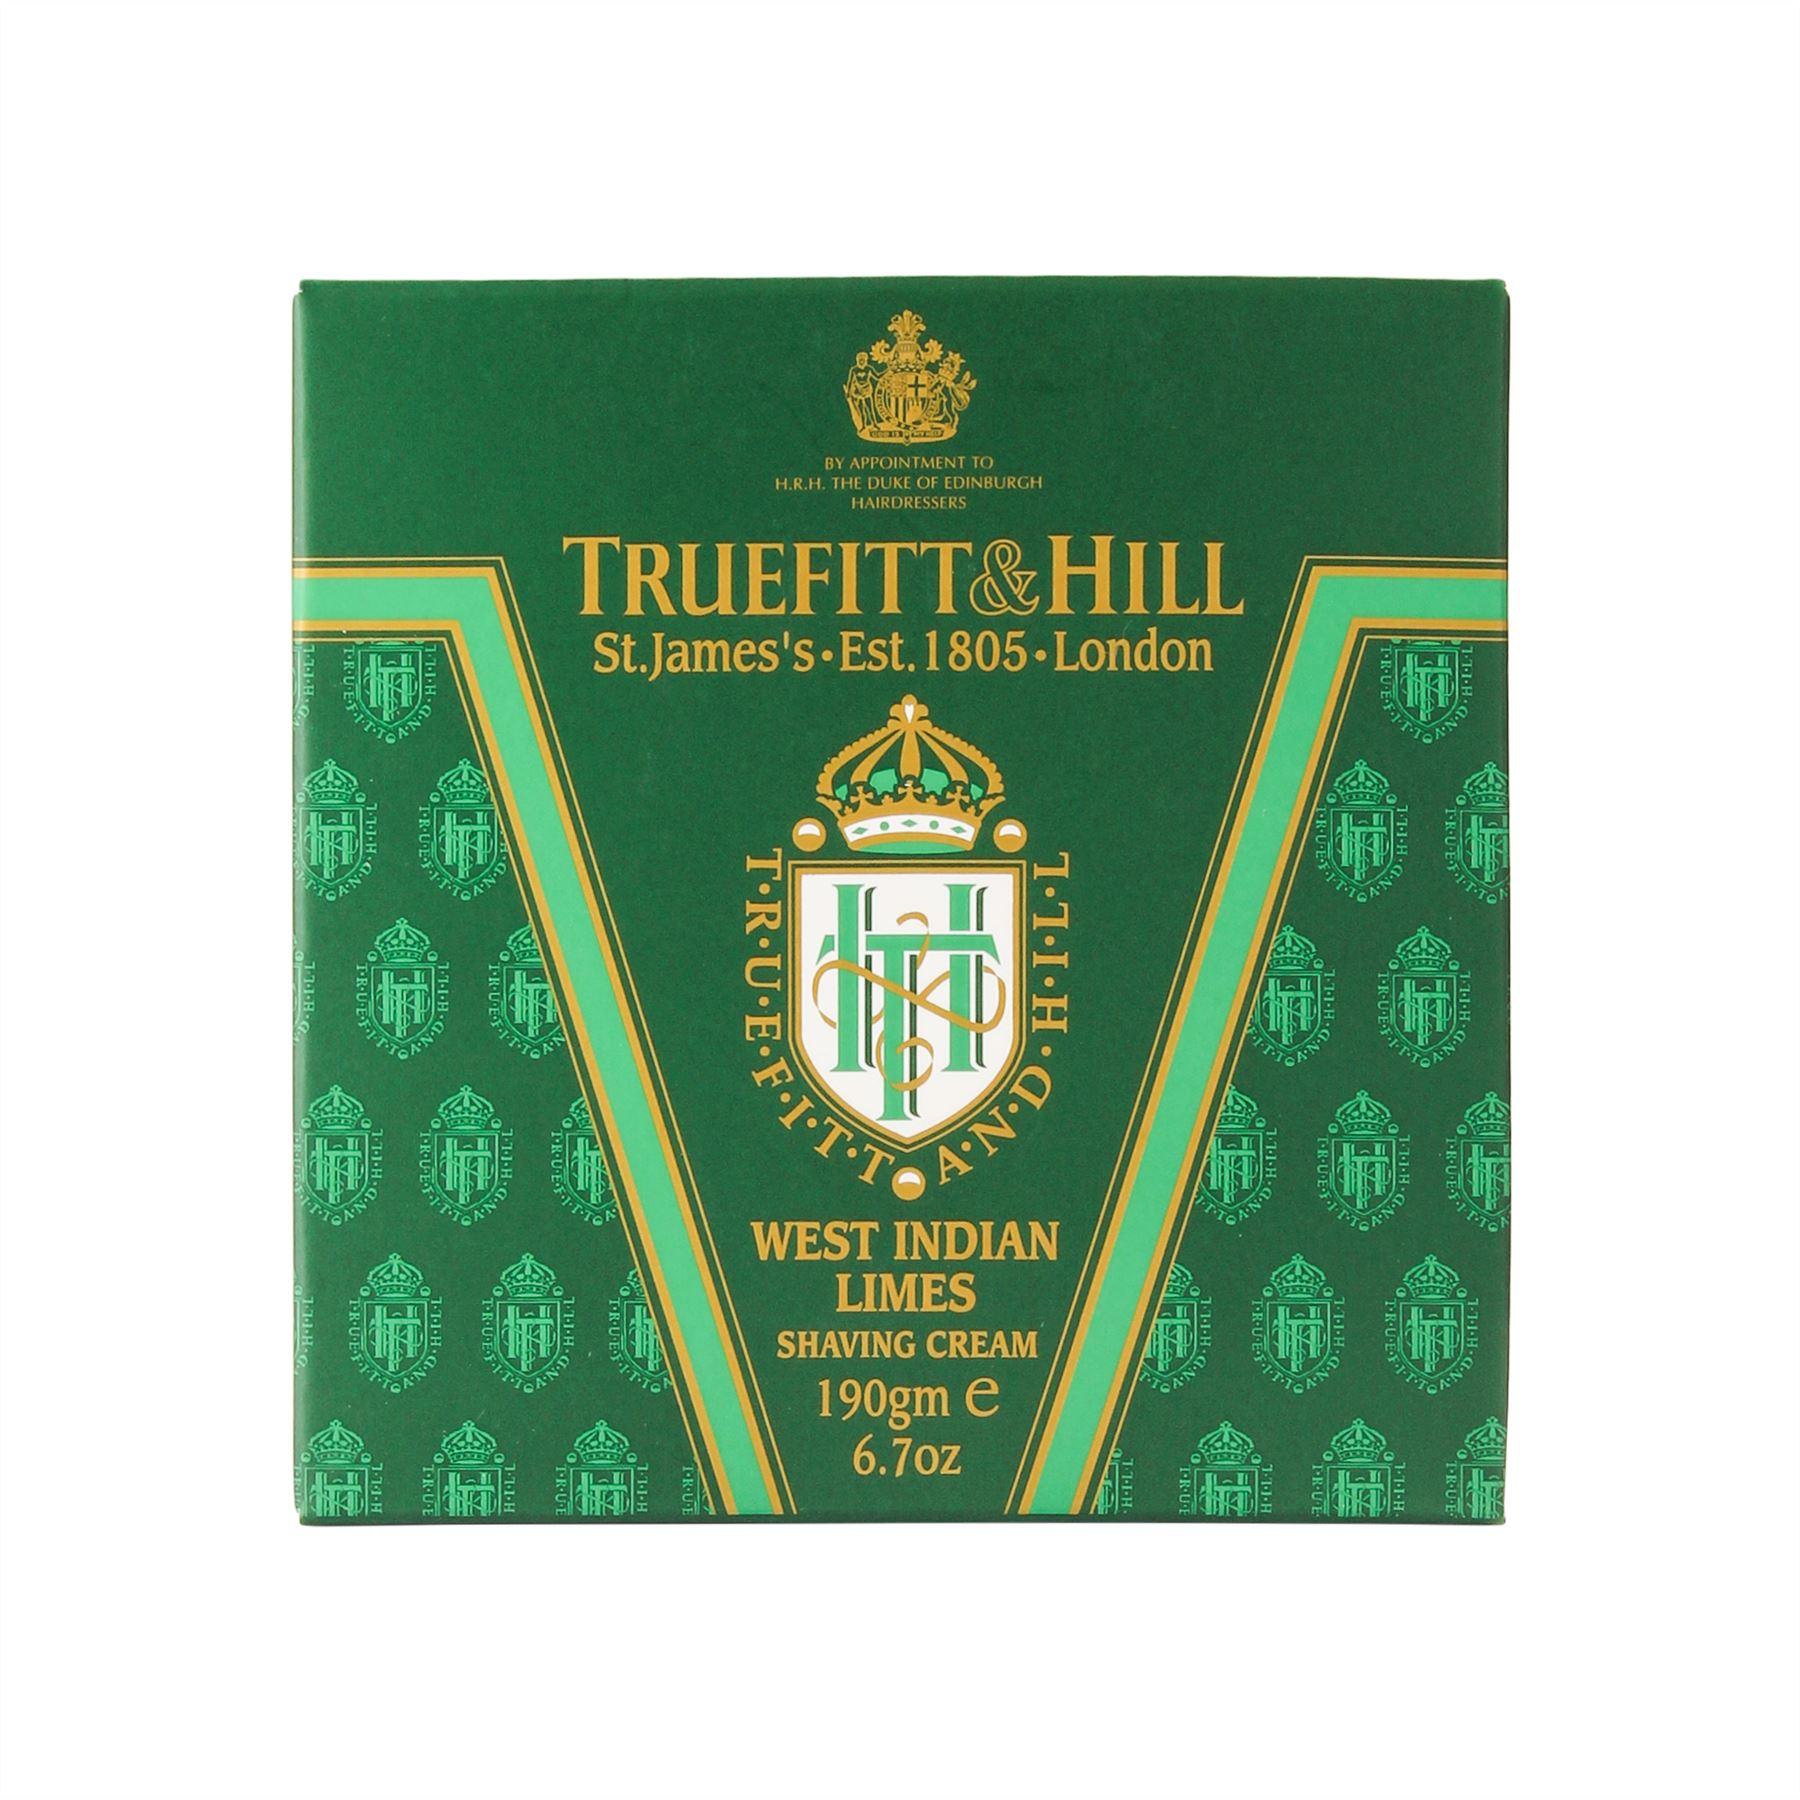 Каталог косметики TRUEFITT HILL для мужчин - купить в интернет-магазине Галерея косметики